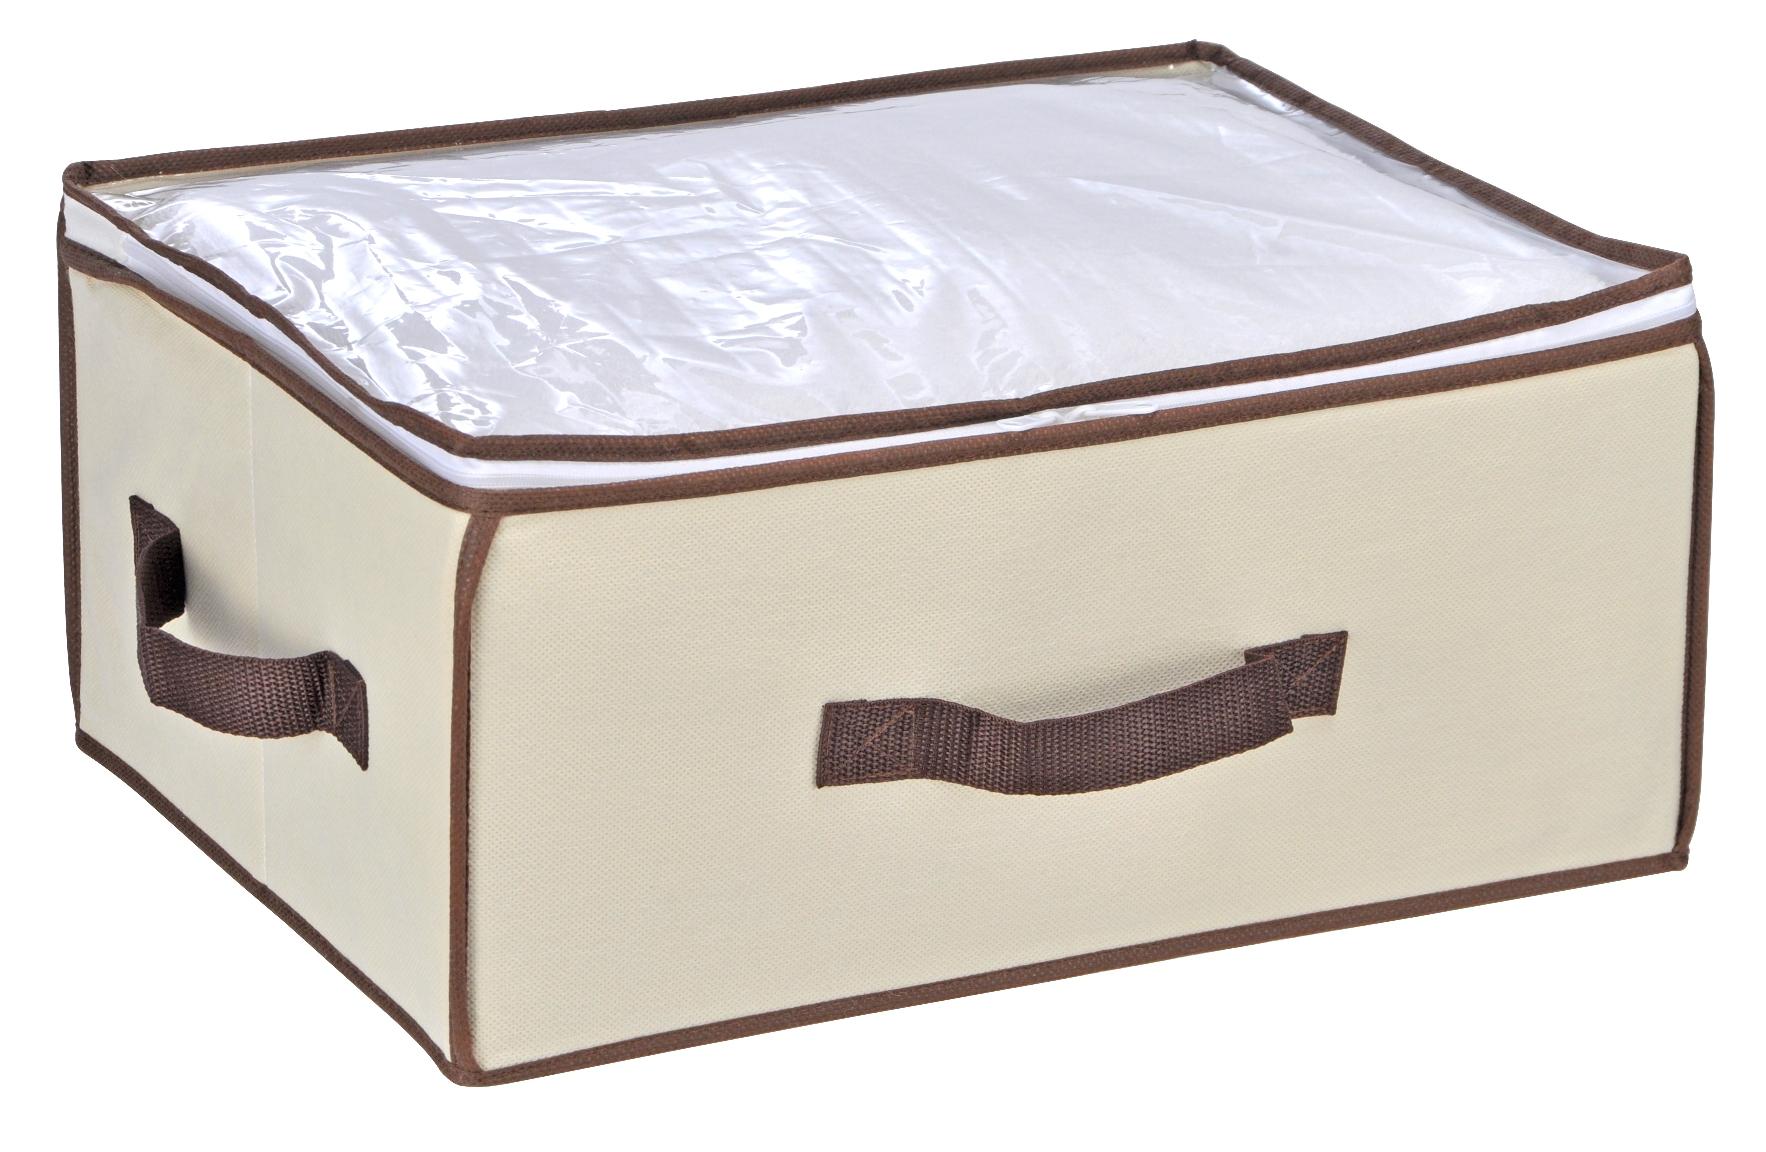 Haushaltswaren Depot De Eine Praktische Aufbewahrungsbox Mit